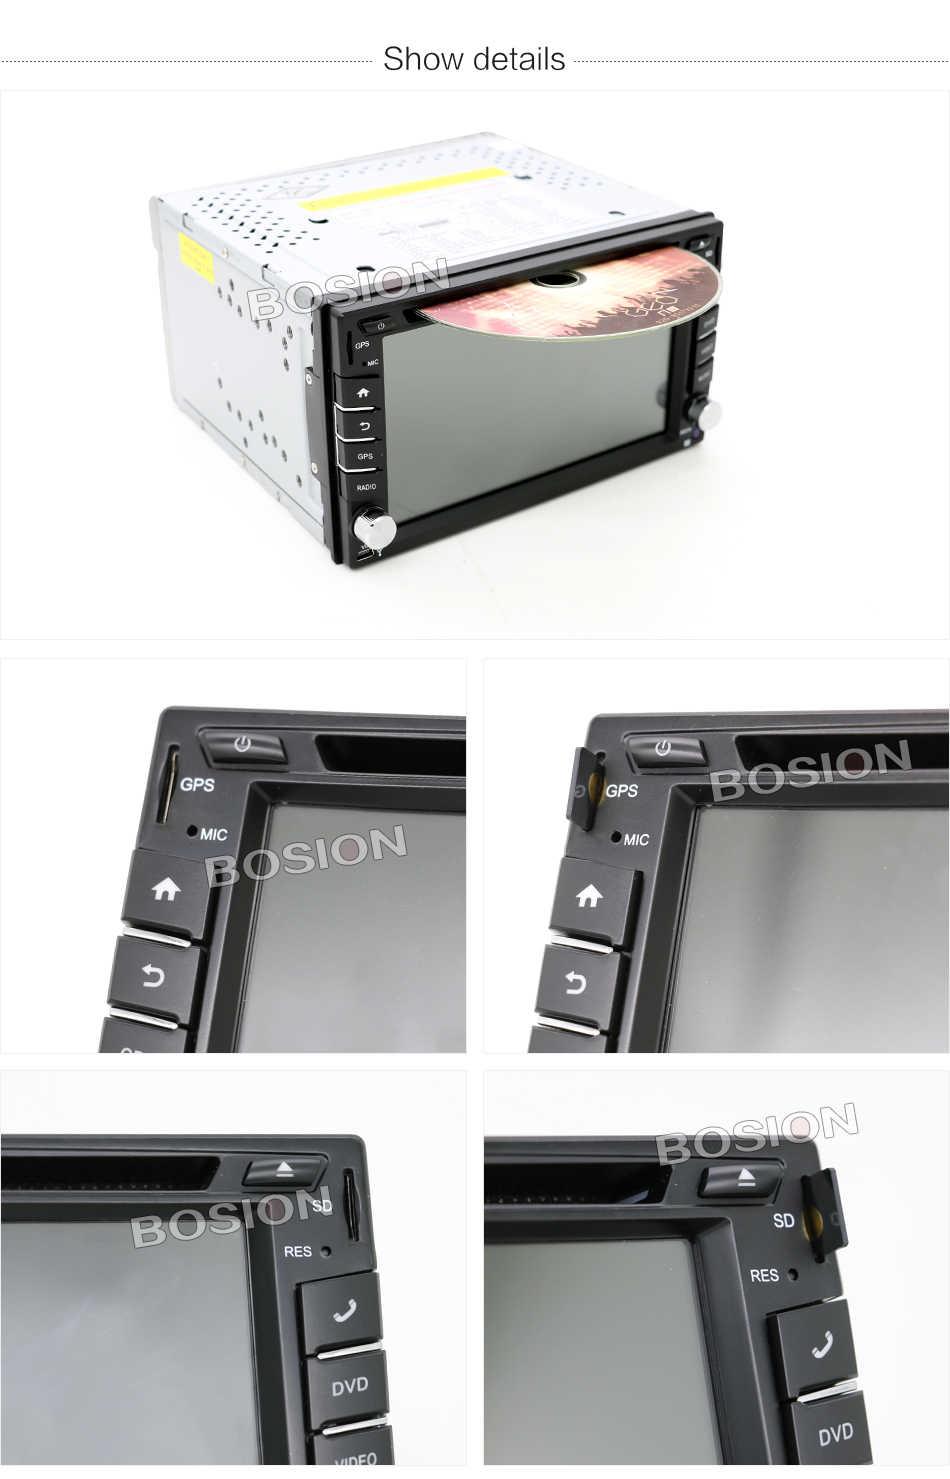 2 ディンアンドロイド 9.0 カーラジオテープレコーダー用ユニバーサル 2din autoradio カー dvd GPS ナビゲーションステアリング輪 wifi マップ